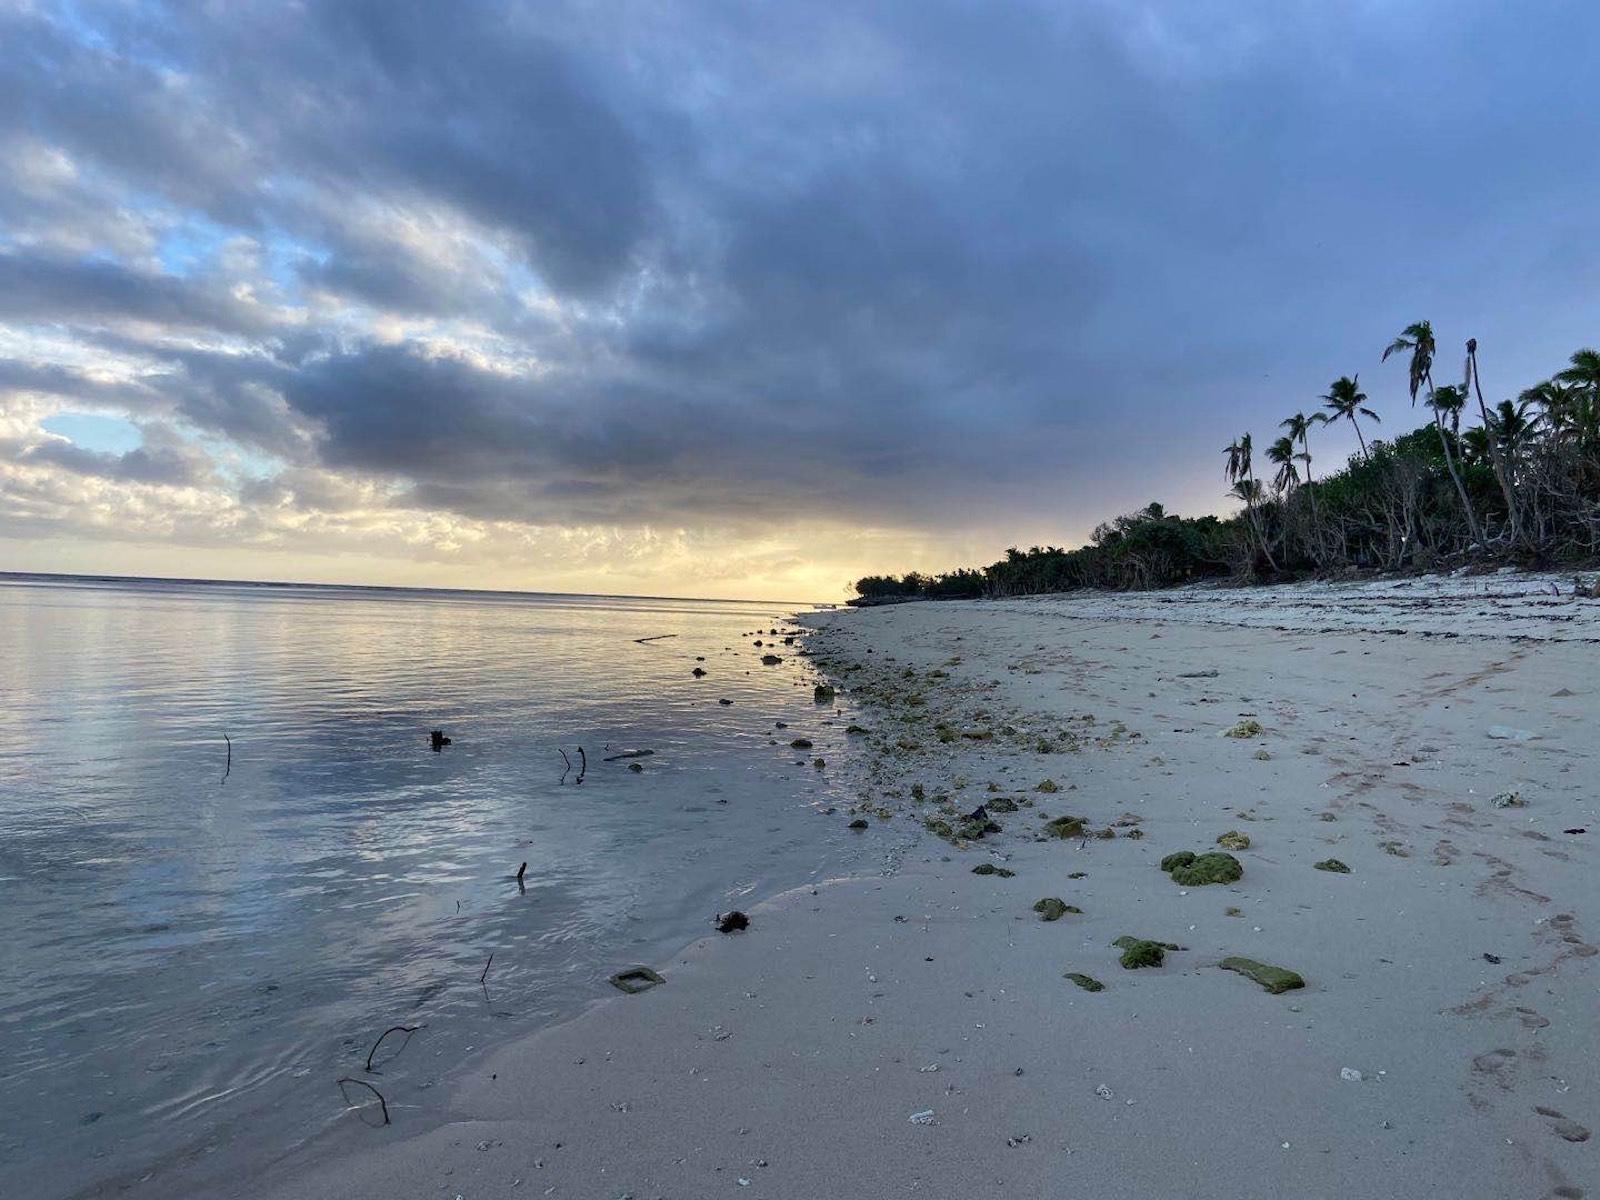 Beautiful beaches free of tourists in Tonga.